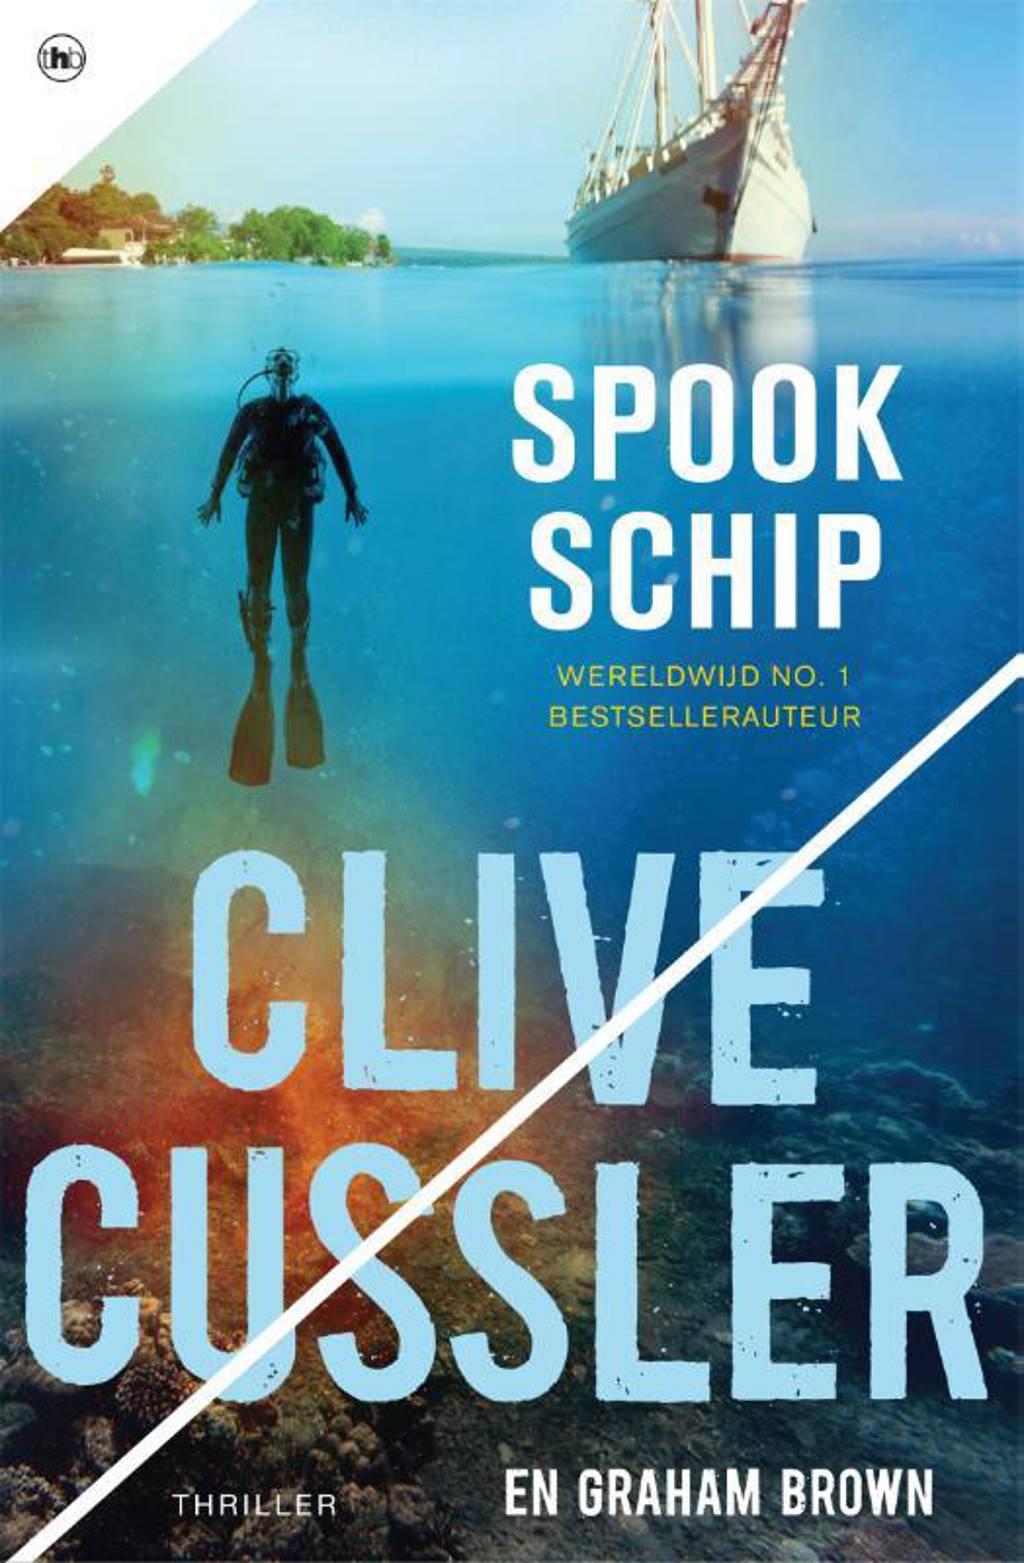 Kurt Austin-avonturen (NUMA-files): Spookschip - Clive Cussler